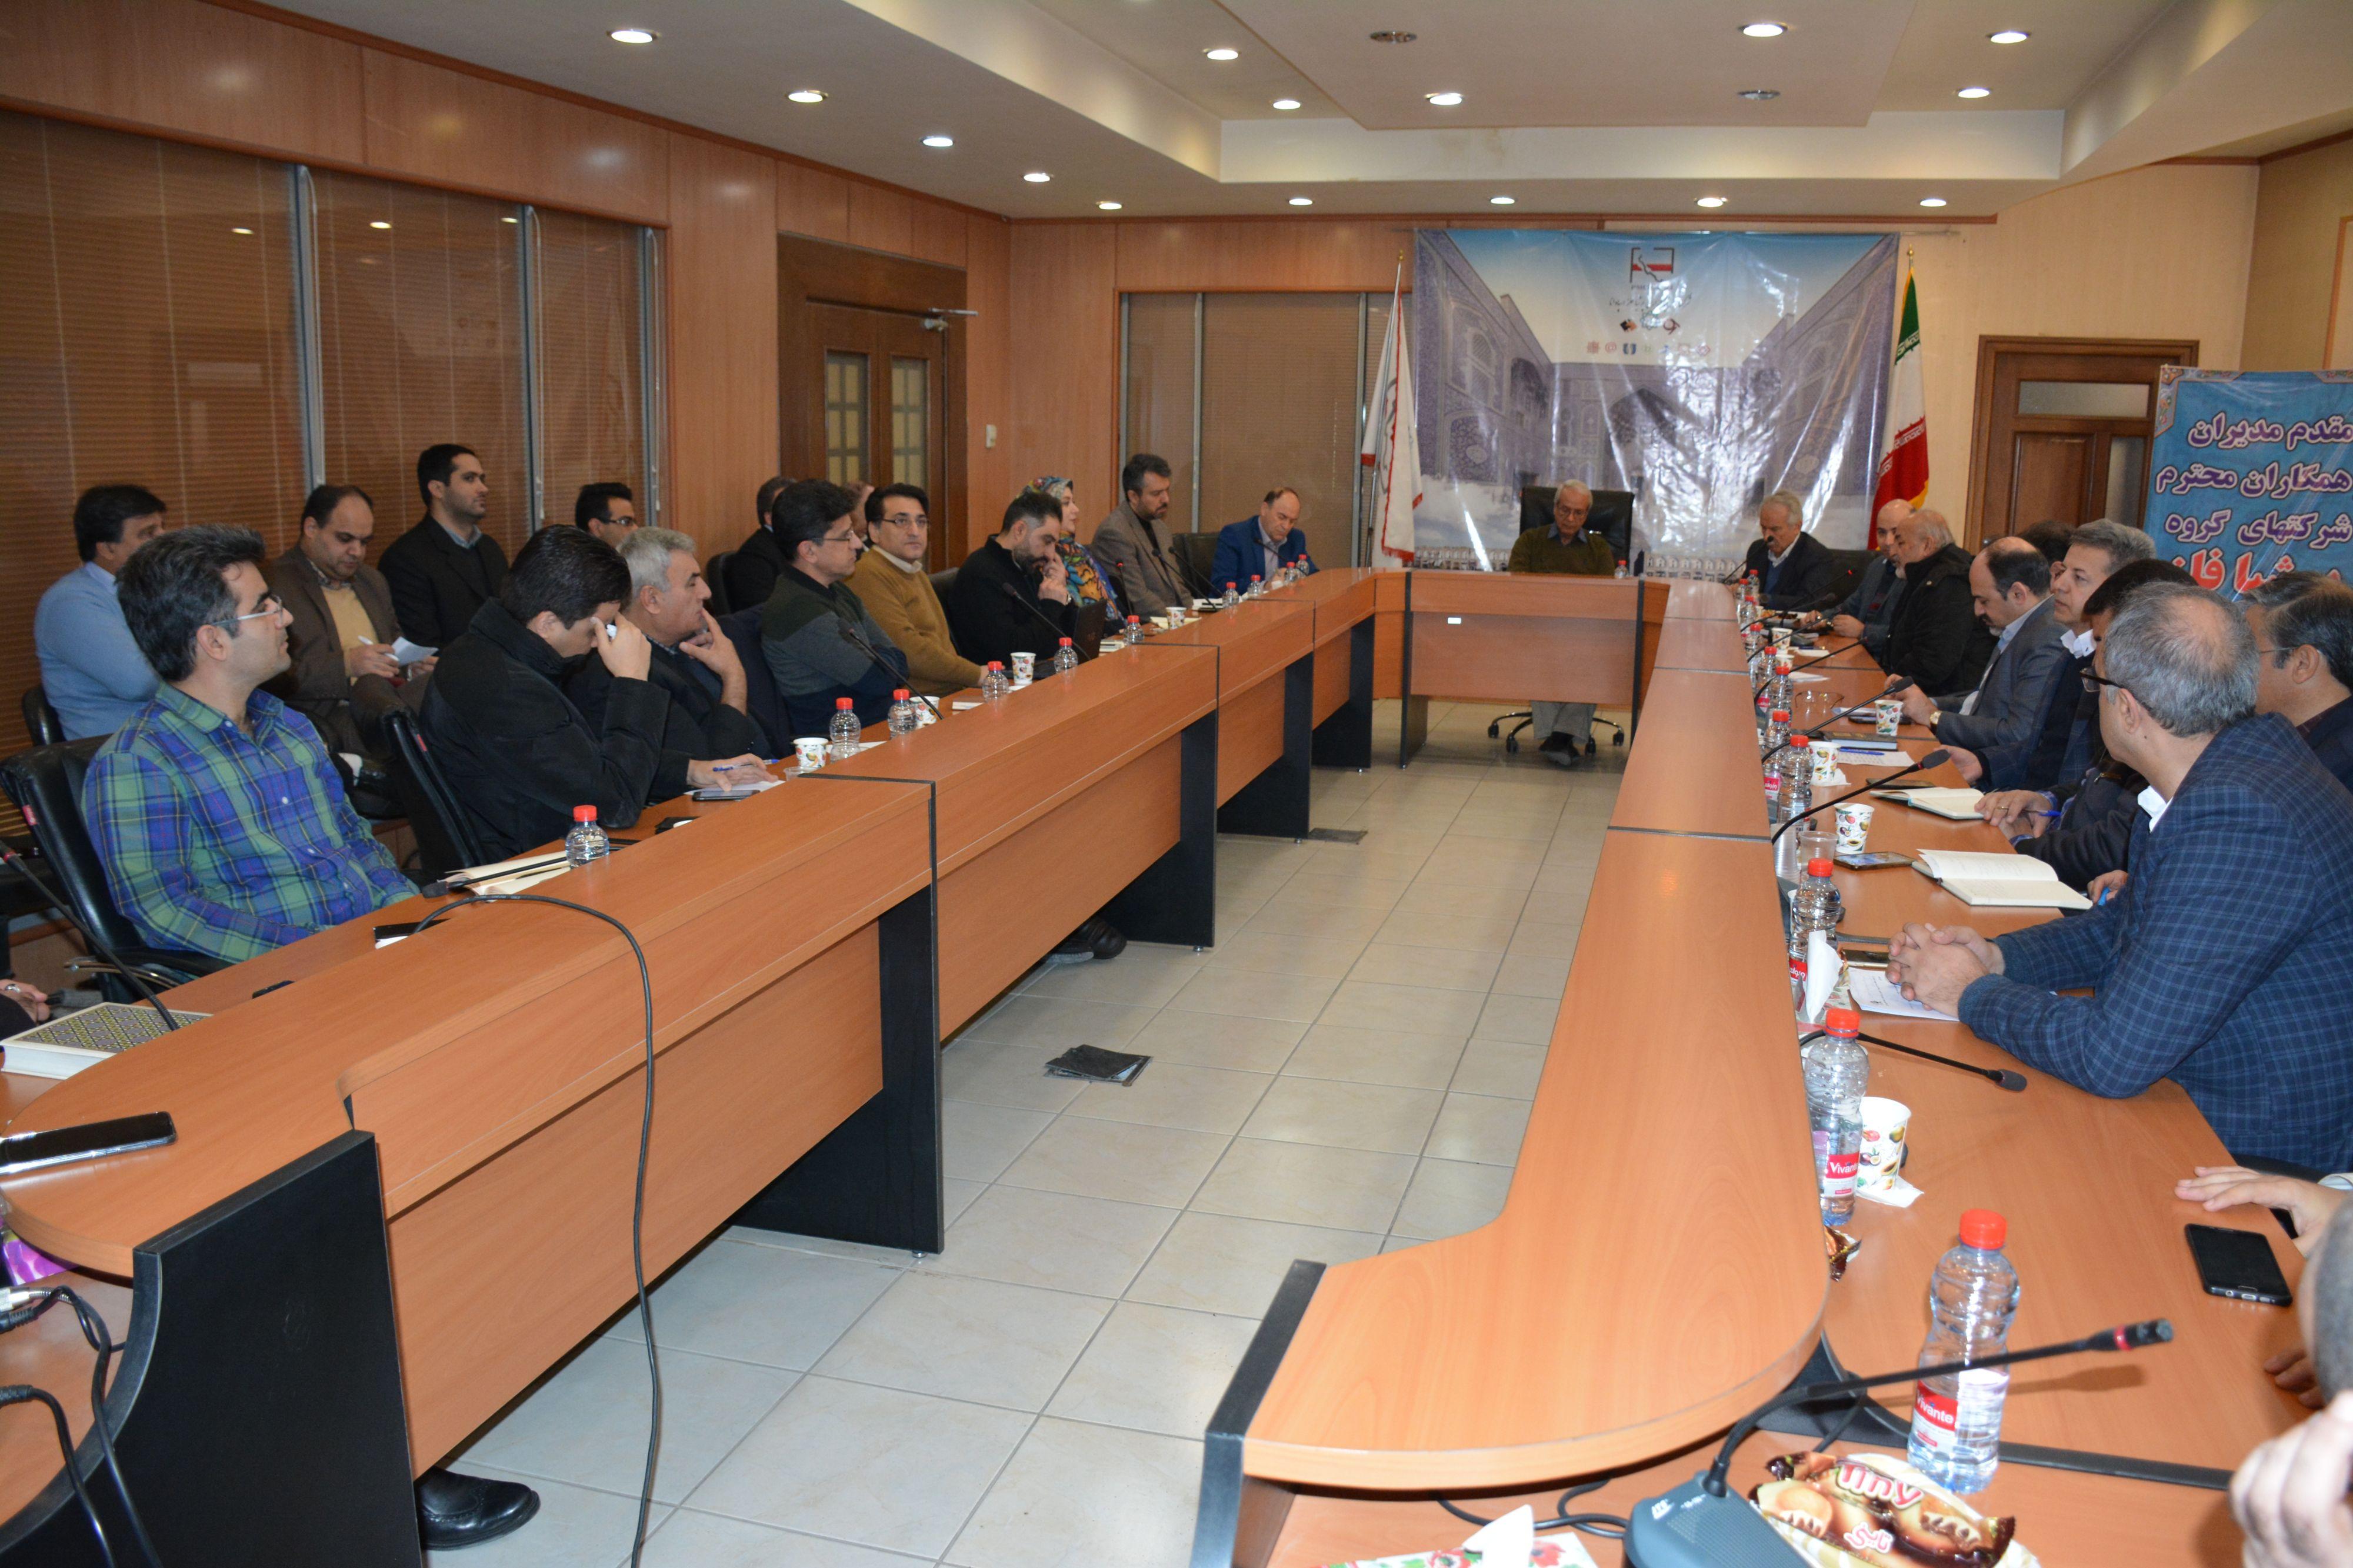 بیست و چهارمین جلسه شورای راهبردی شرکت سرمایه گذاری پرشیا فلز اسپادانا